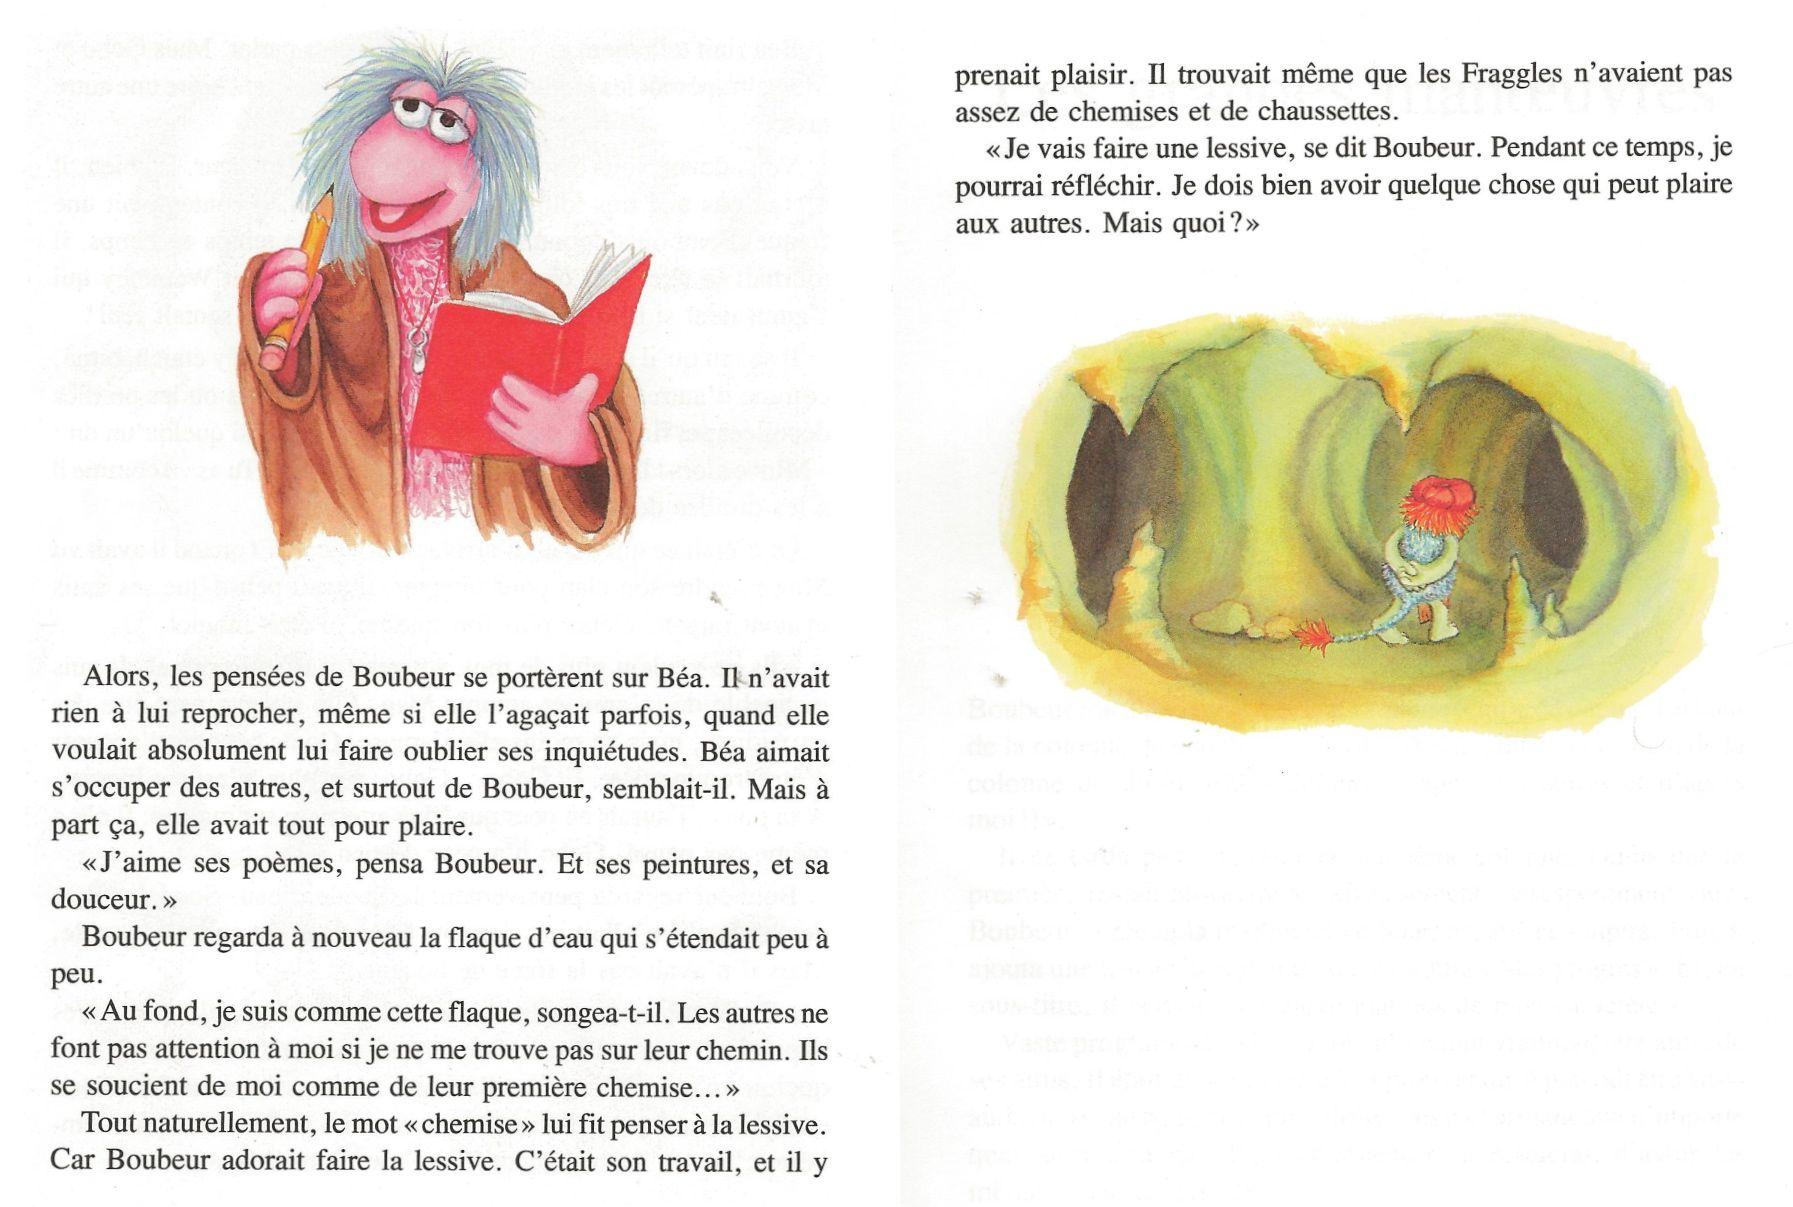 http://grenierdelatv.free.fr/2/fraggleboubeur08.jpg